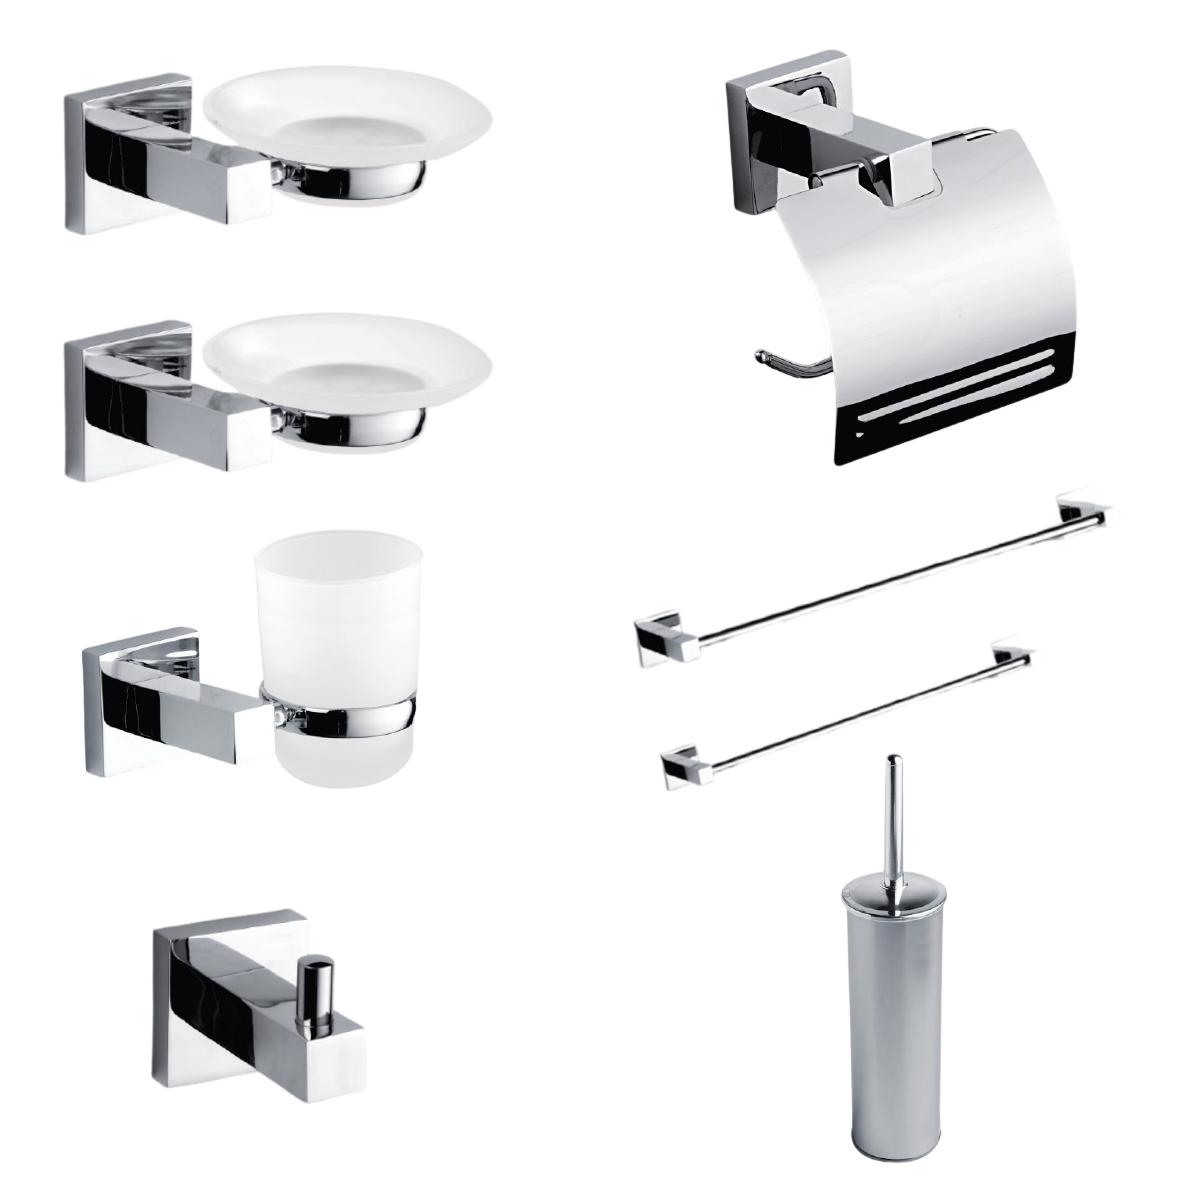 JAZZ 8 Set accessori bagno 8 pz. serie New Jazz by Etrusca